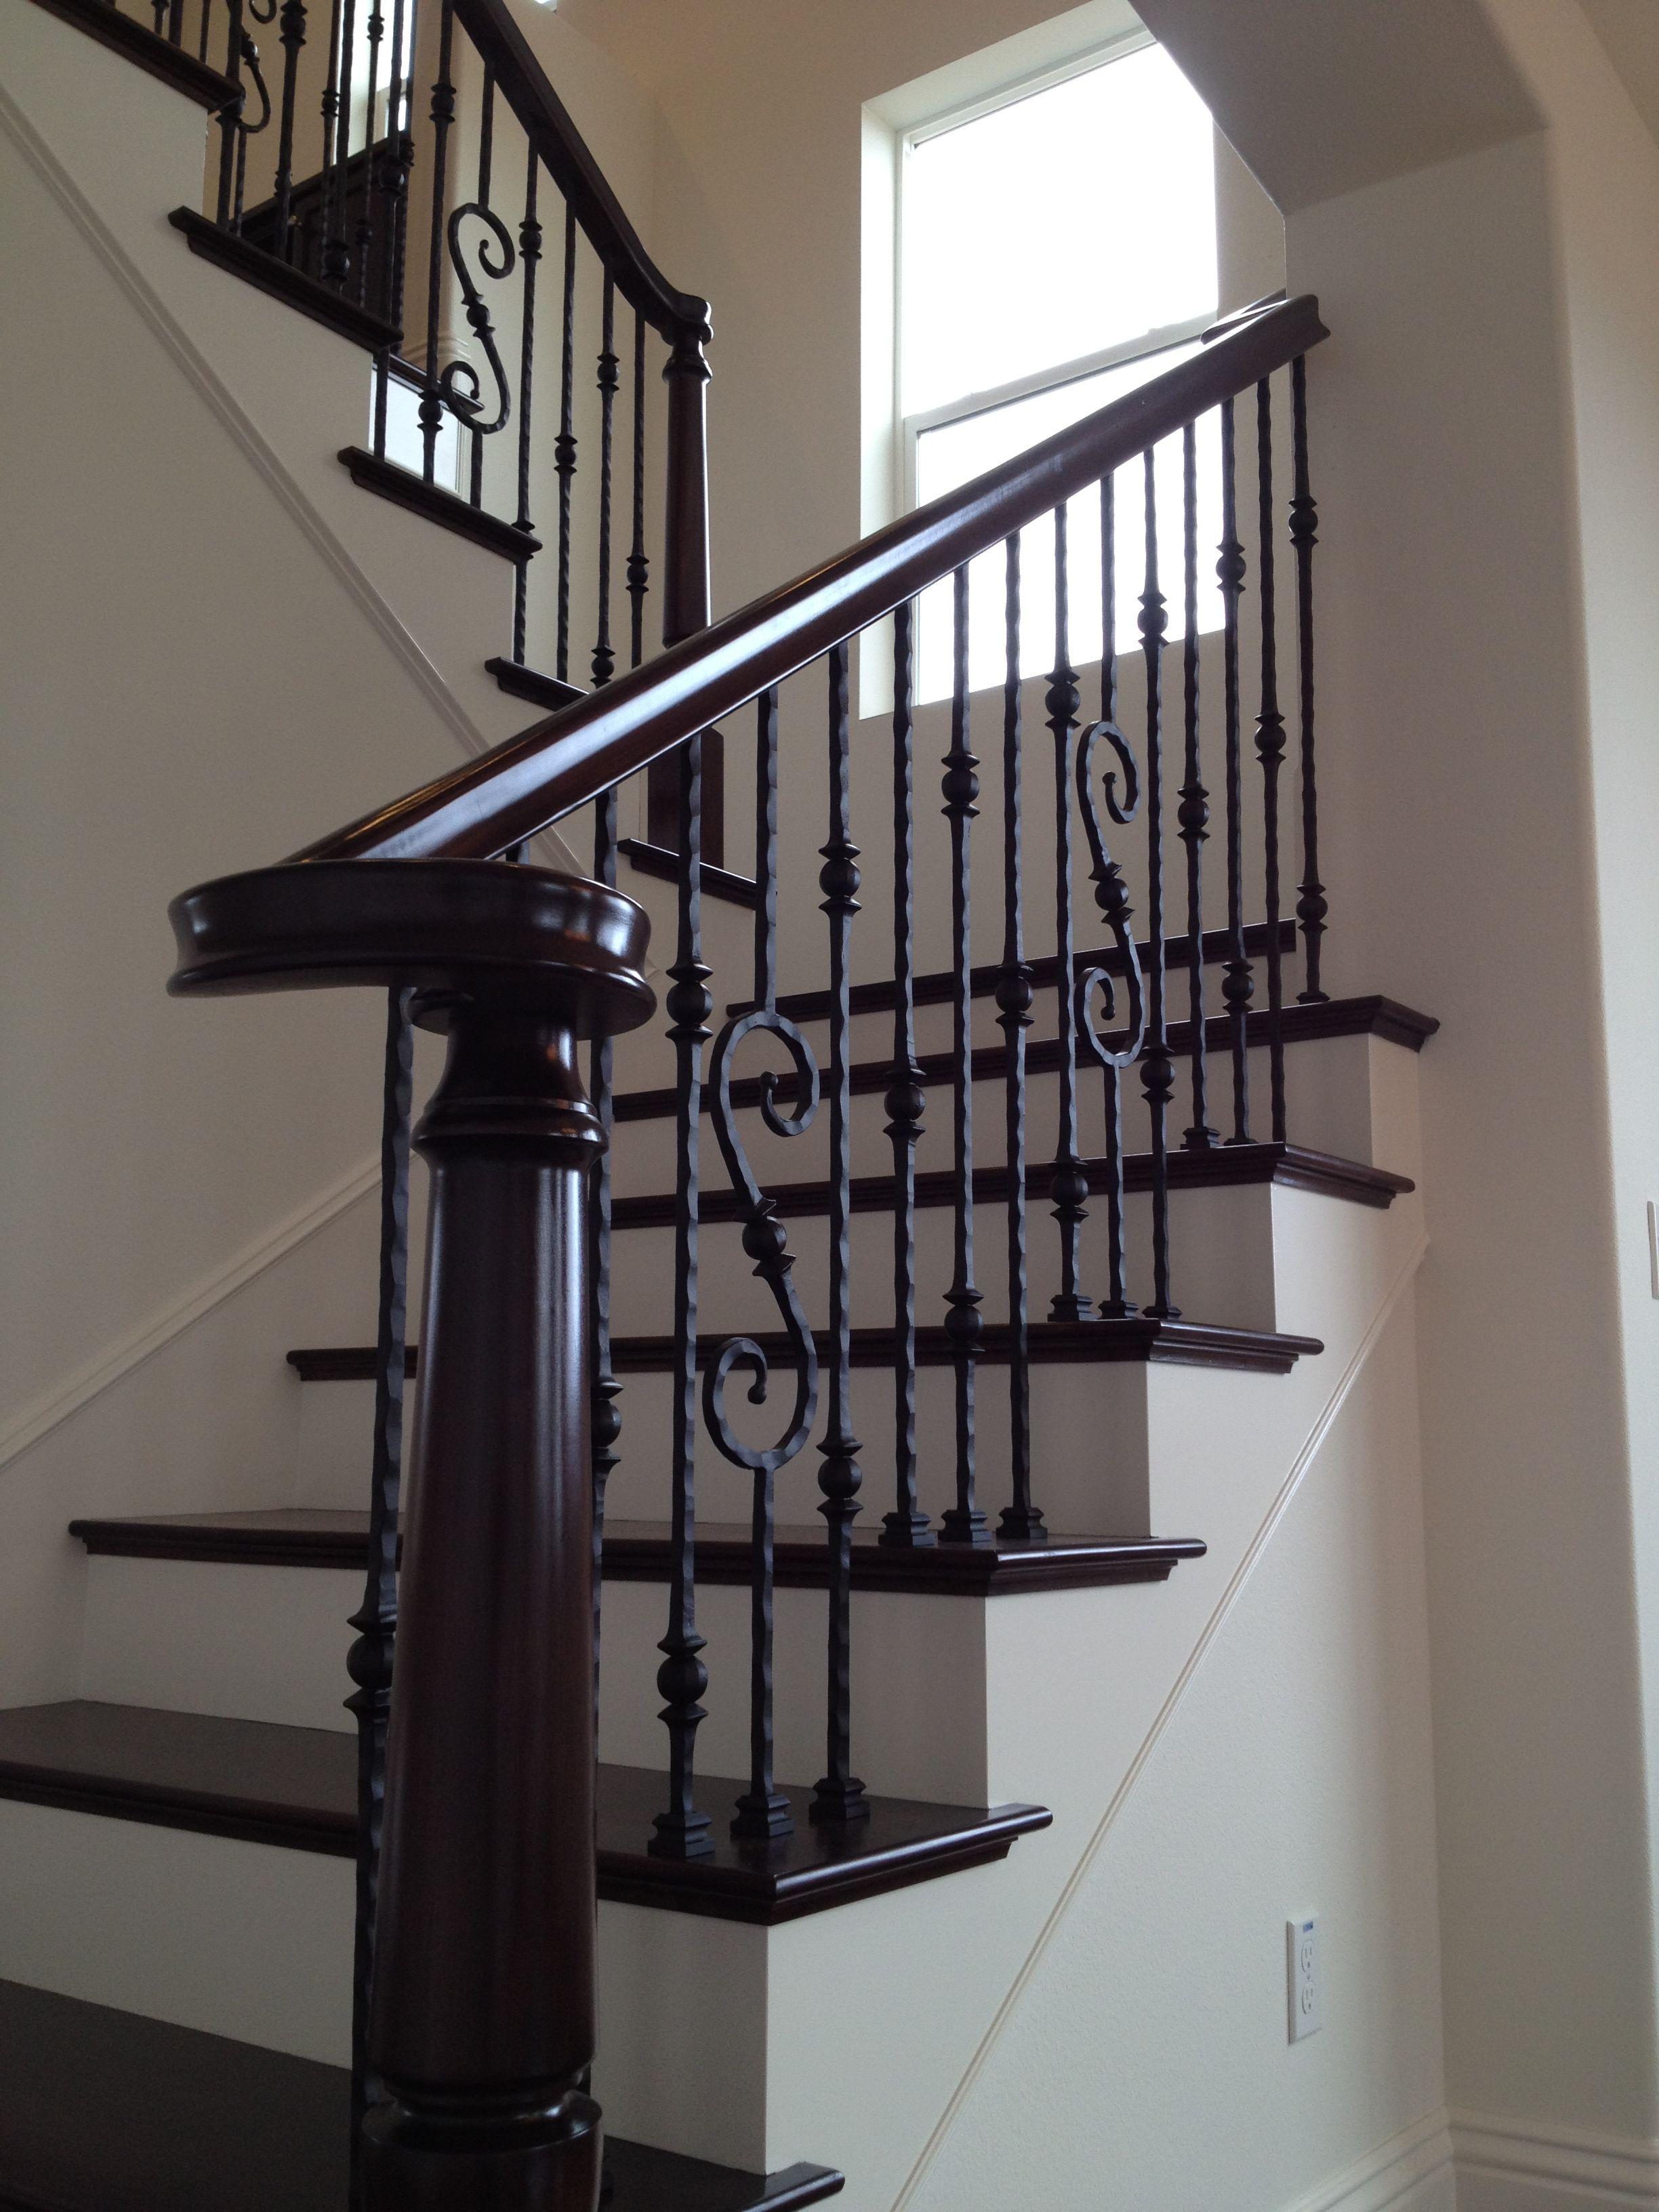 Dark Floors Wrought Iron Stairs Iron Stair Railing Iron | Rot Iron Stair Railing